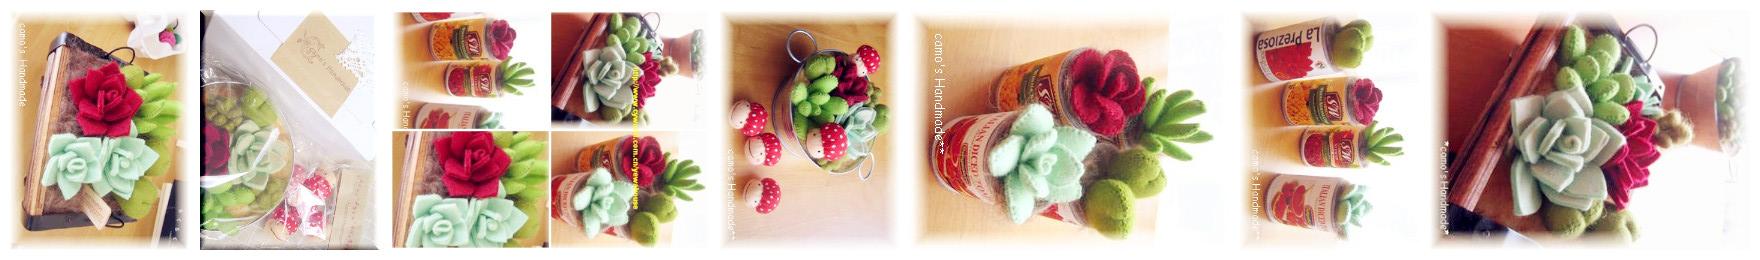 Manualidades de fieltro, cactus en macetas y latas para decorar